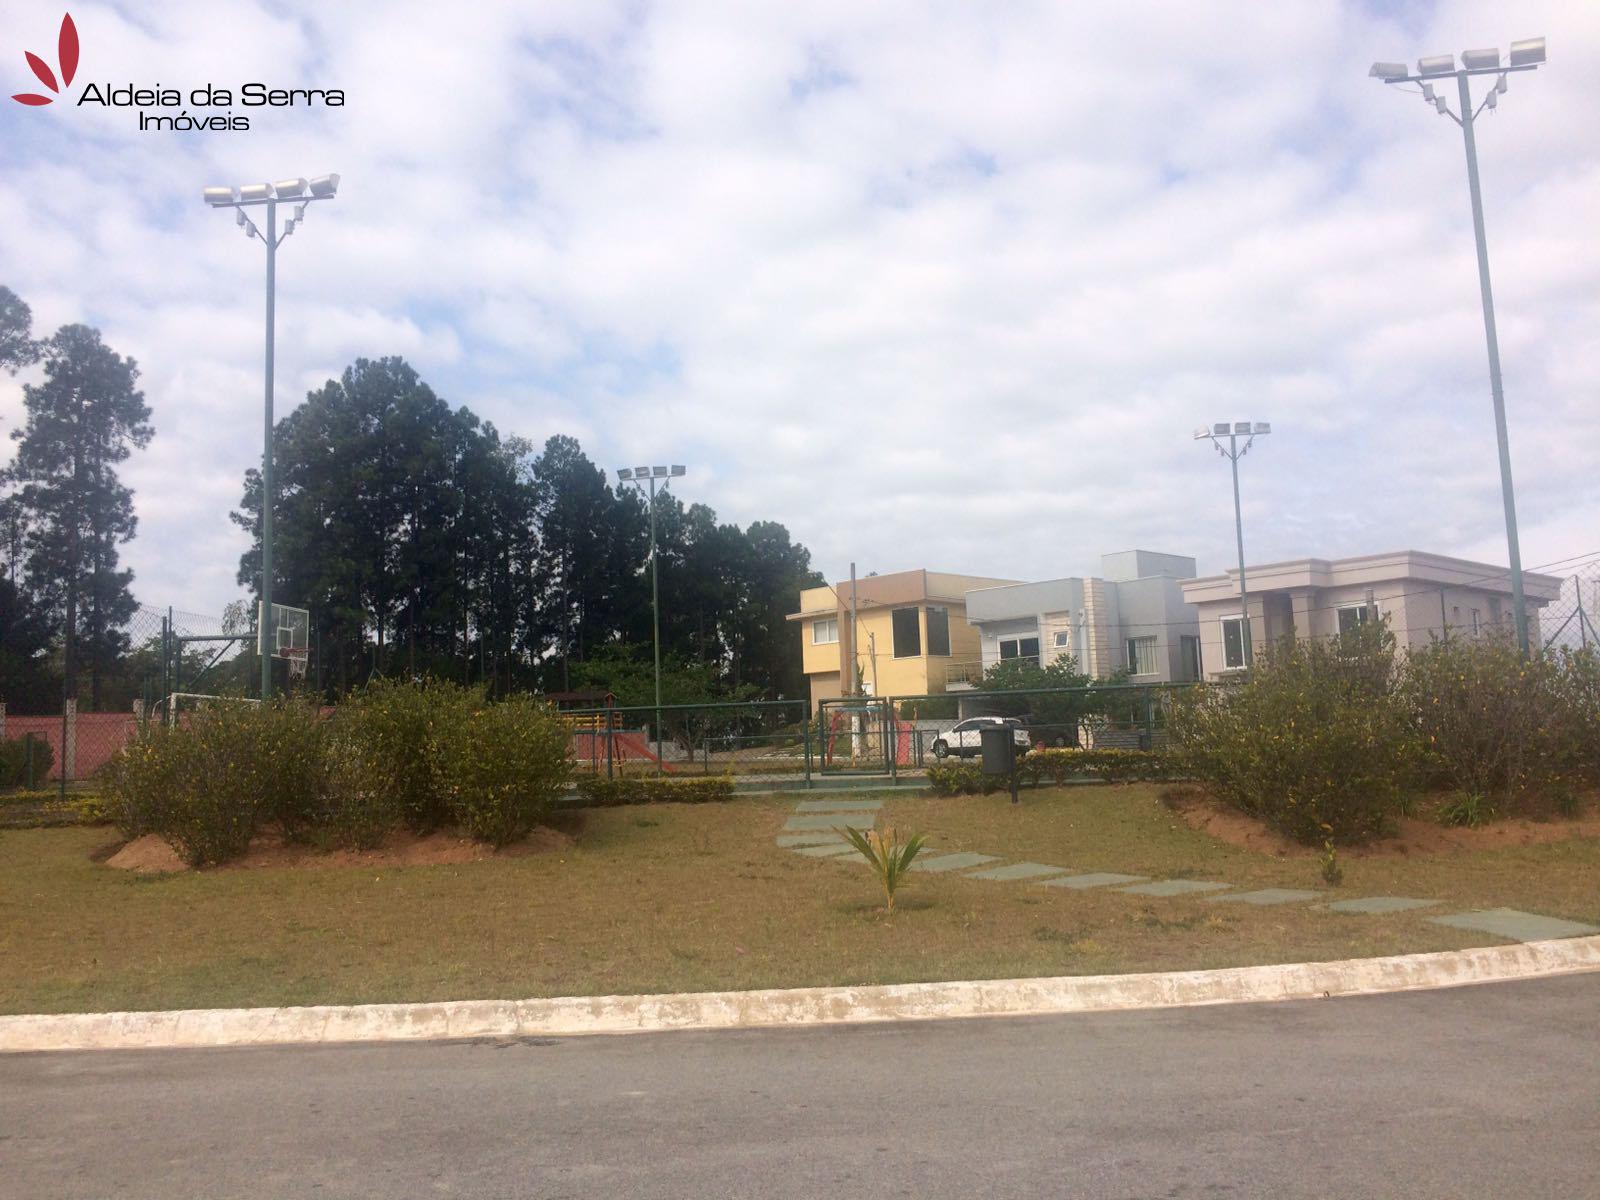 /admin/imoveis/fotos/IMG-20180602-WA0005.jpg Aldeia da Serra Imoveis